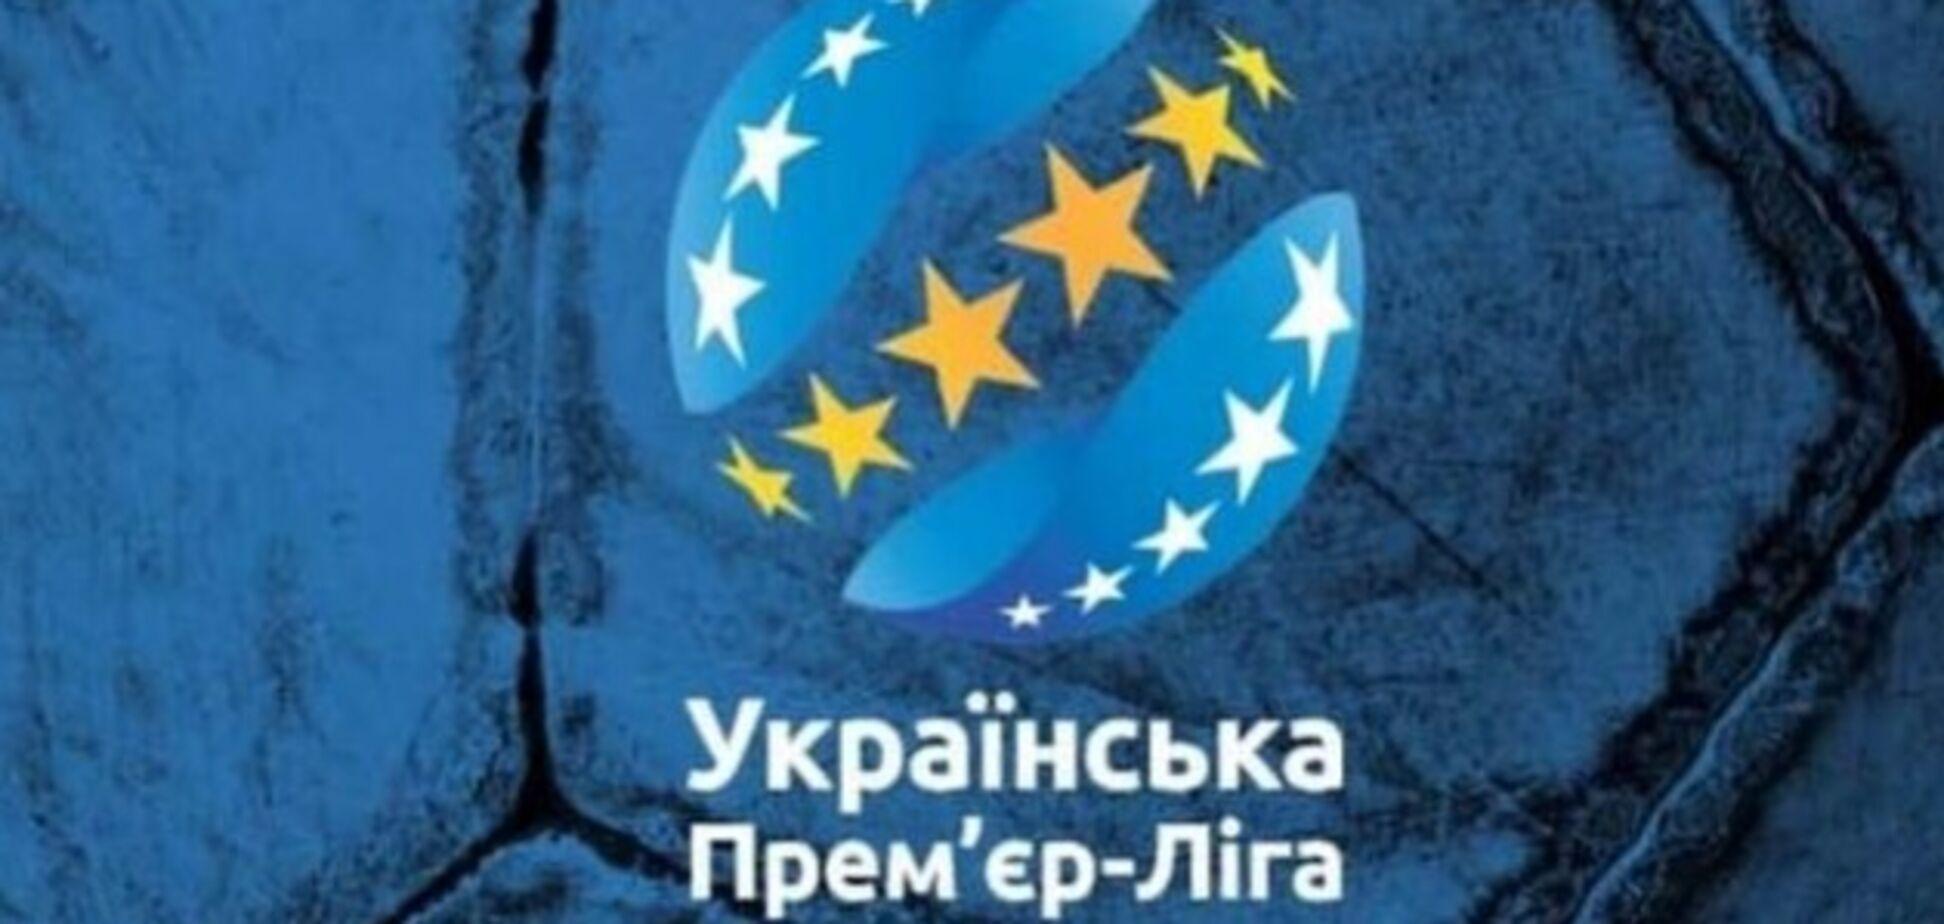 От 2 до 170 тысяч долларов в месяц: сколько зарабатывают в украинской премьер-лиге